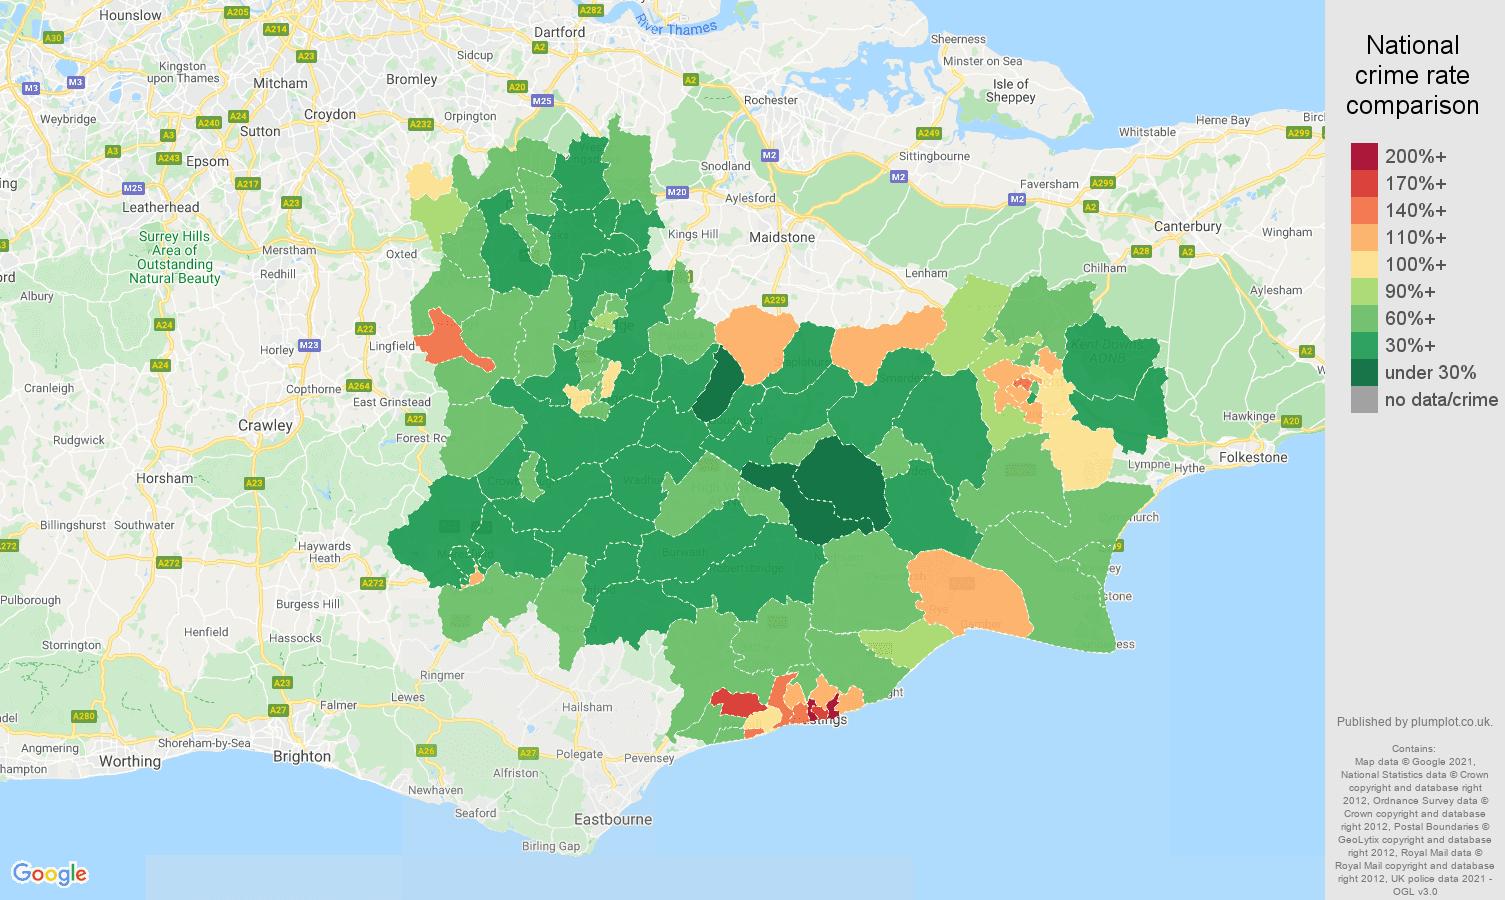 Tonbridge antisocial behaviour crime rate comparison map